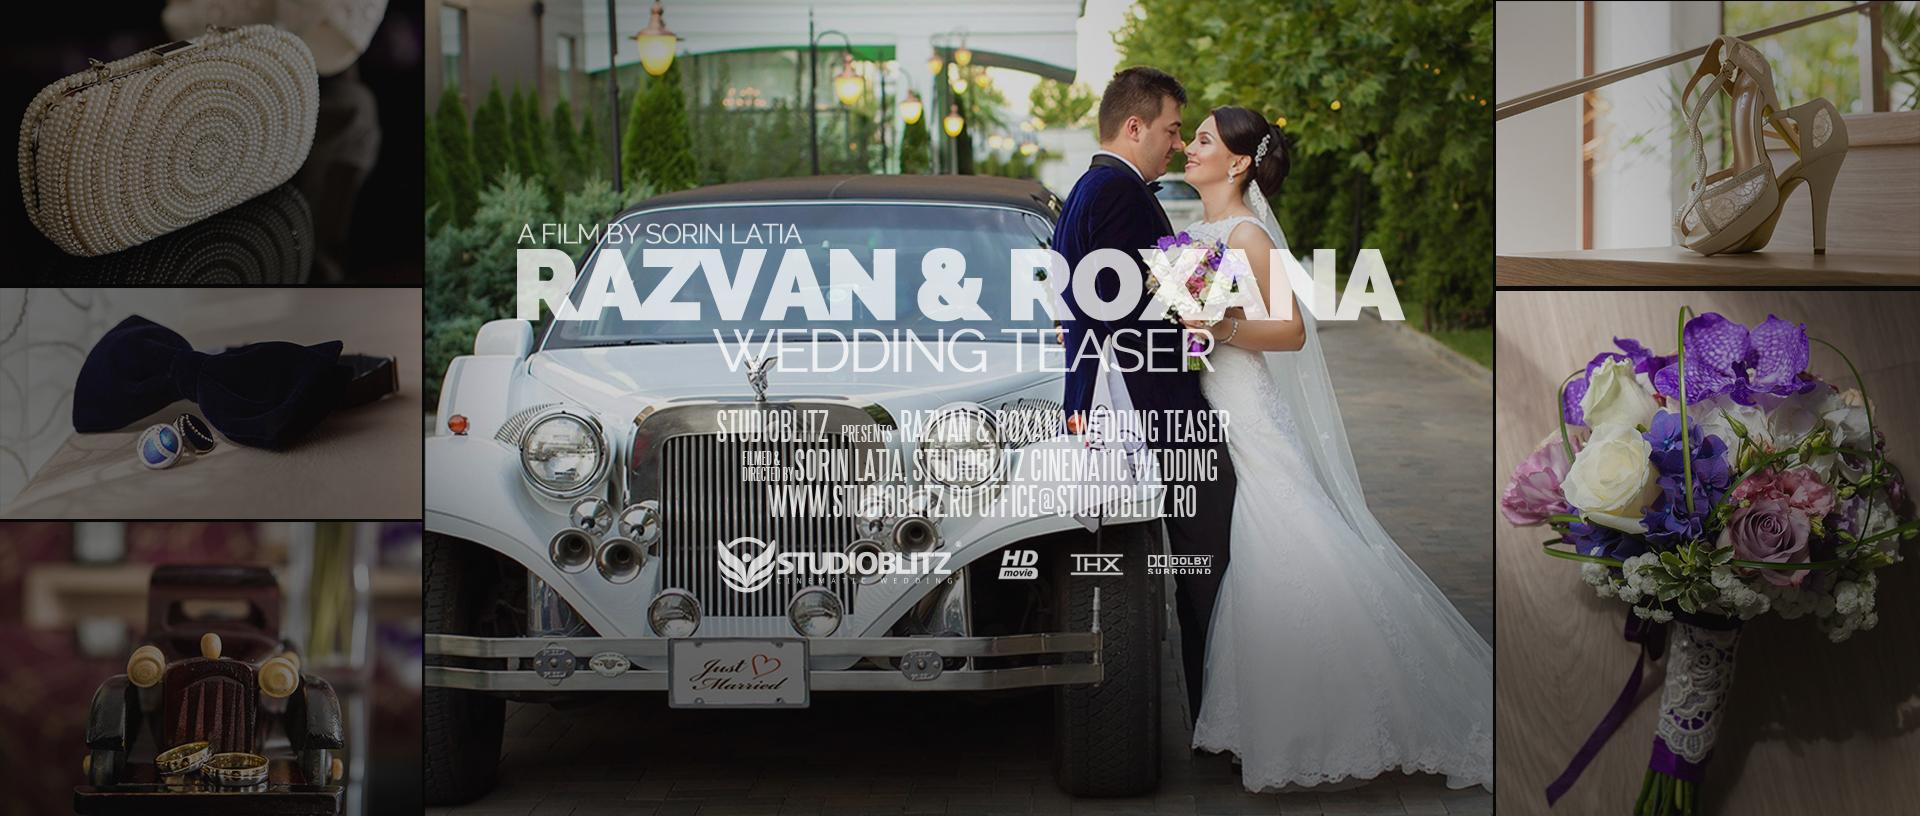 coperta-cameraman-nunta-prahova-cu-roxana-razvan-wedding-teaser